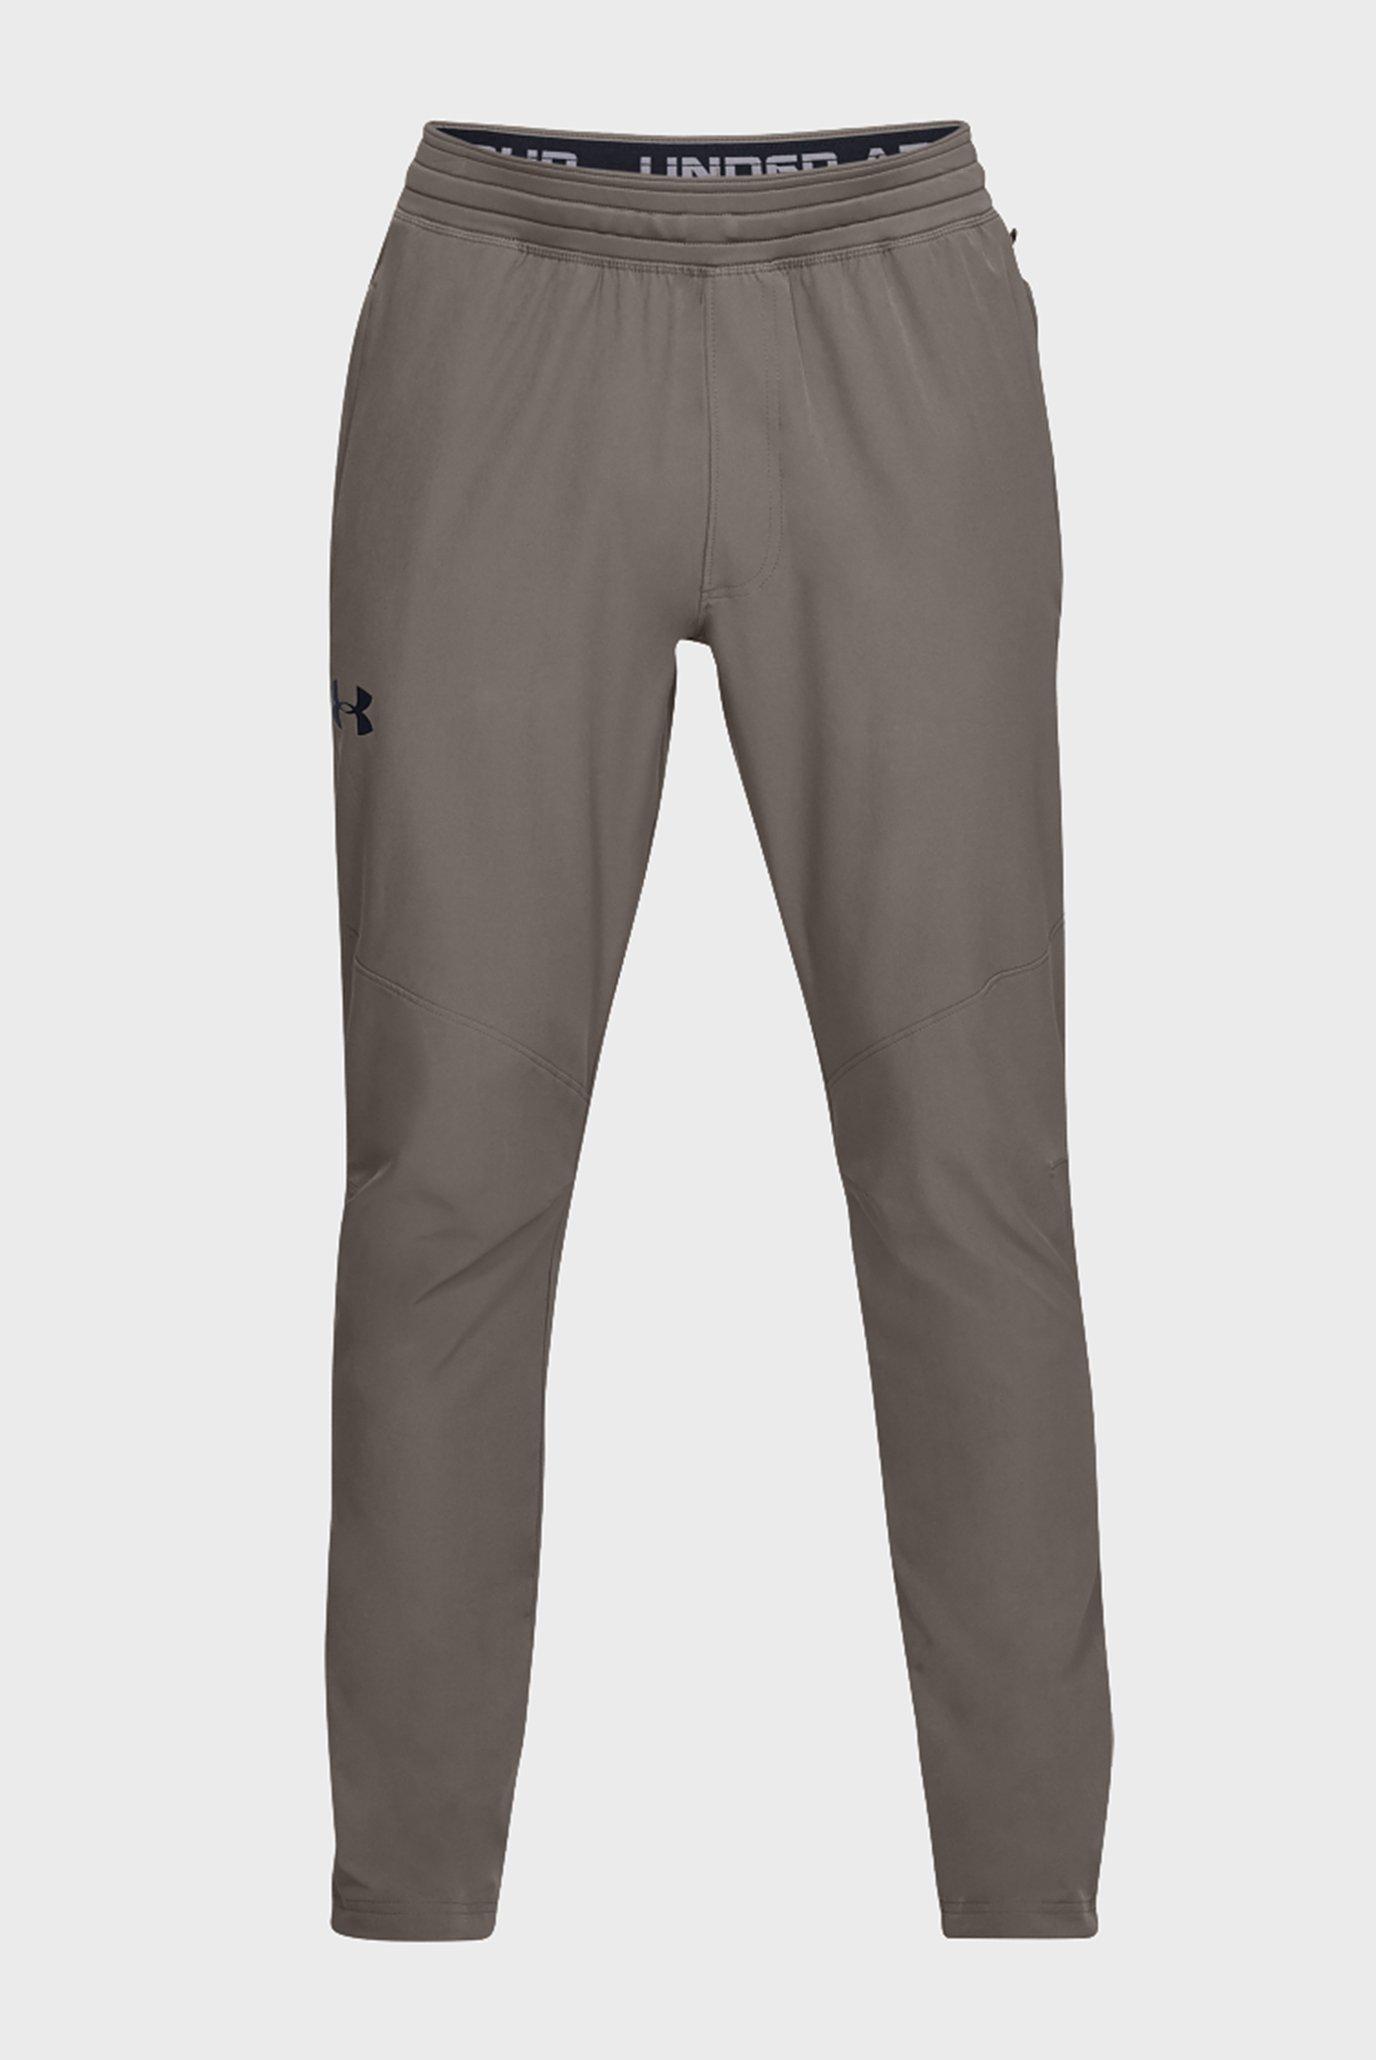 Купить Мужские коричневые спортивные брюки WG Woven Under Armour Under Armour 1299186-221 – Киев, Украина. Цены в интернет магазине MD Fashion